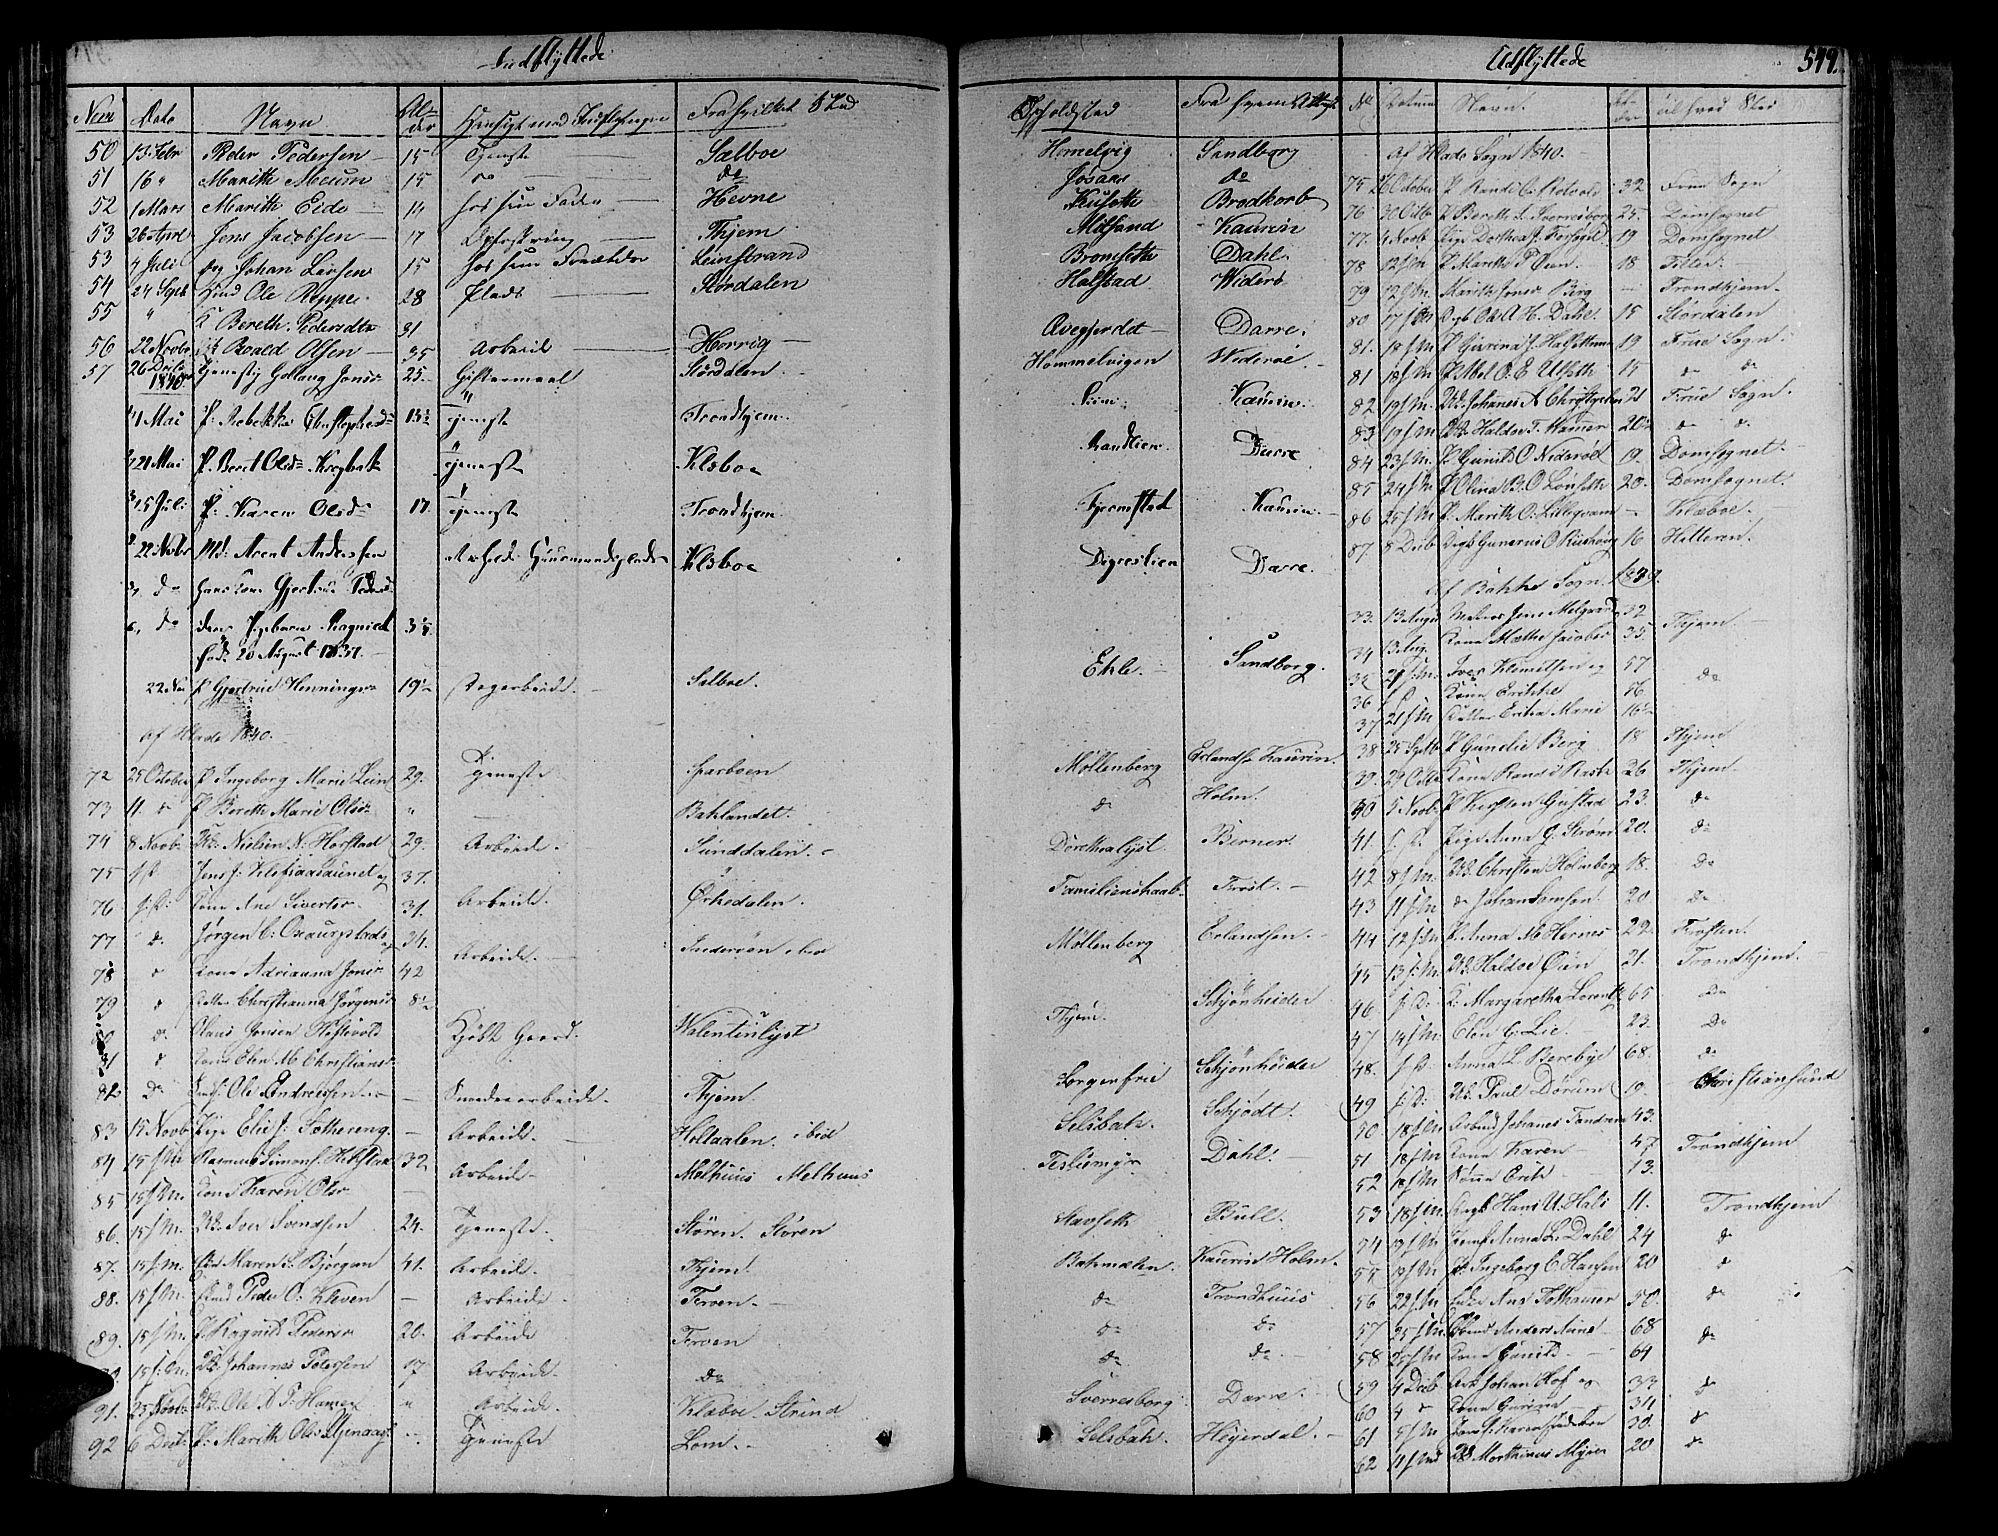 SAT, Ministerialprotokoller, klokkerbøker og fødselsregistre - Sør-Trøndelag, 606/L0286: Ministerialbok nr. 606A04 /1, 1823-1840, s. 549